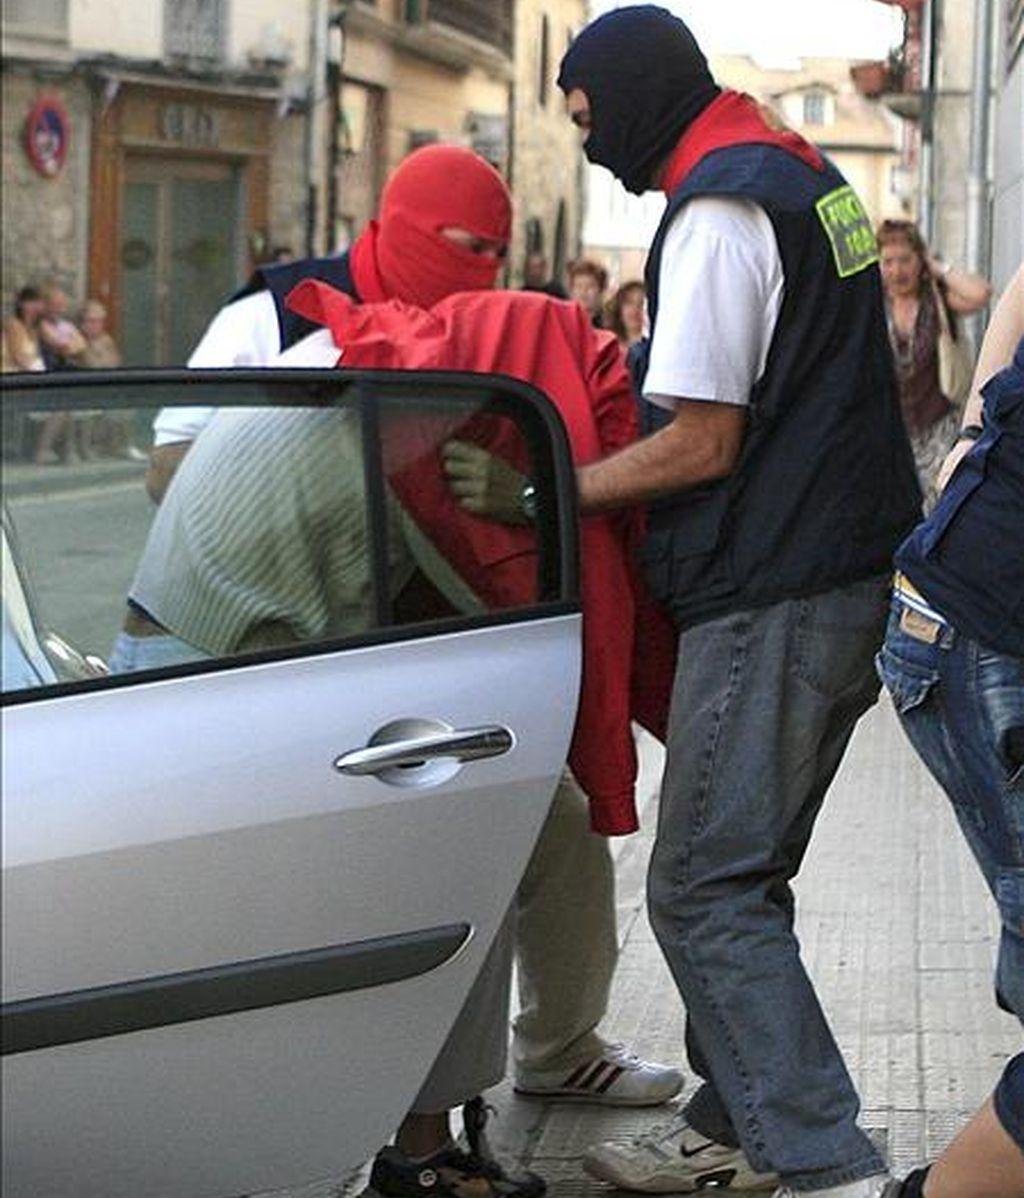 El pamplonés de 27 años detenido como presunto autor de la muerte de Nagore Laffage Casasola el pasado julio. EFE/Archivo